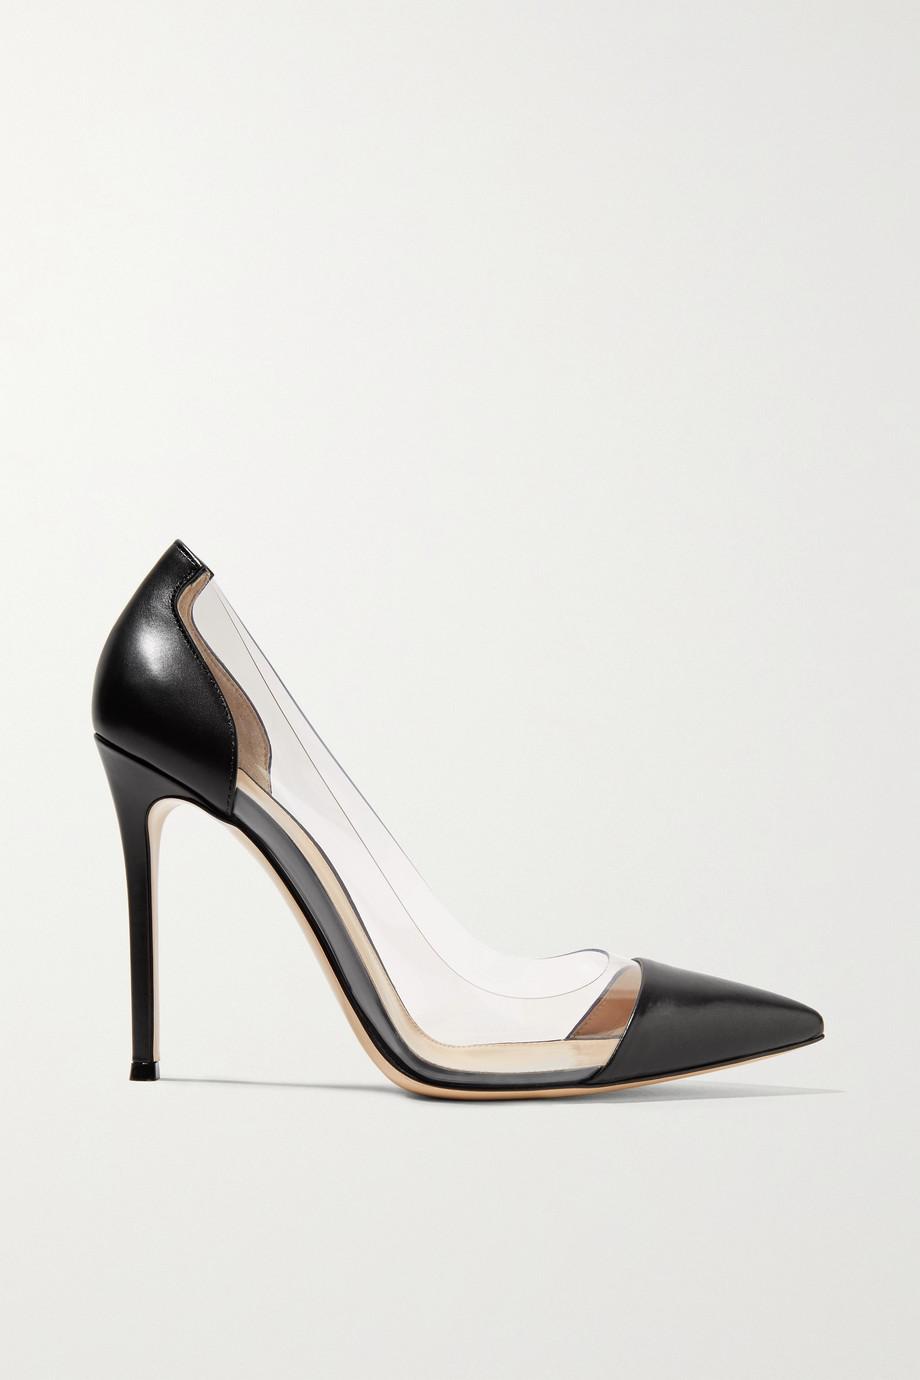 Gianvito Rossi Plexi 100 皮革 PVC 高跟鞋